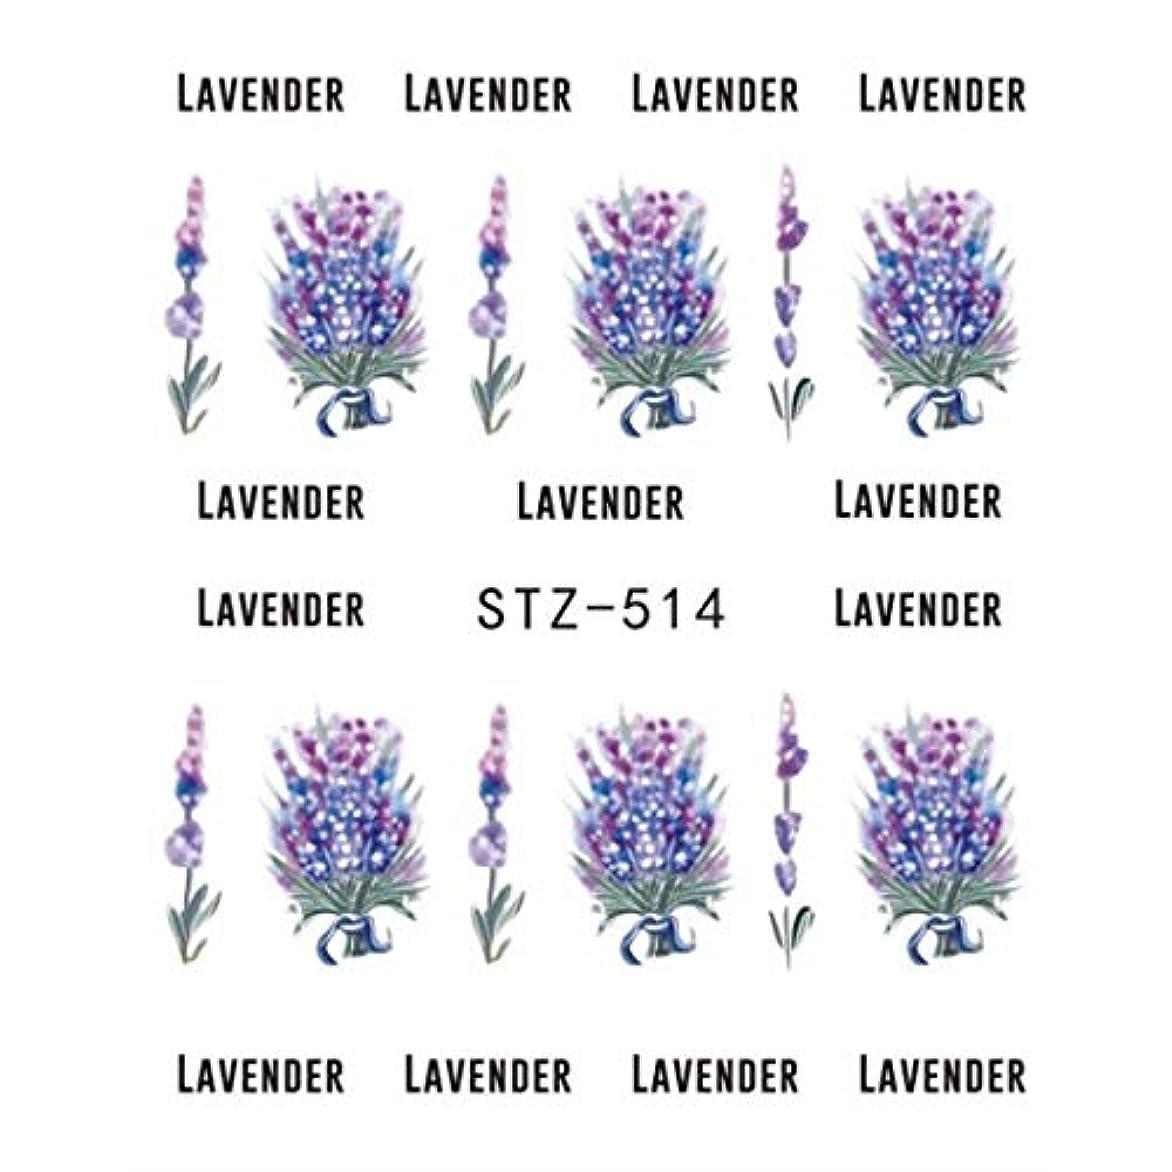 異常ブルゴーニュ統合SUKTI&XIAO ネイルステッカー 1枚の美しい蝶の花の水ステッカーのヒントのためのネイルデカールネイルアートマニキュアステンシル一時的な入れ墨、Stz514